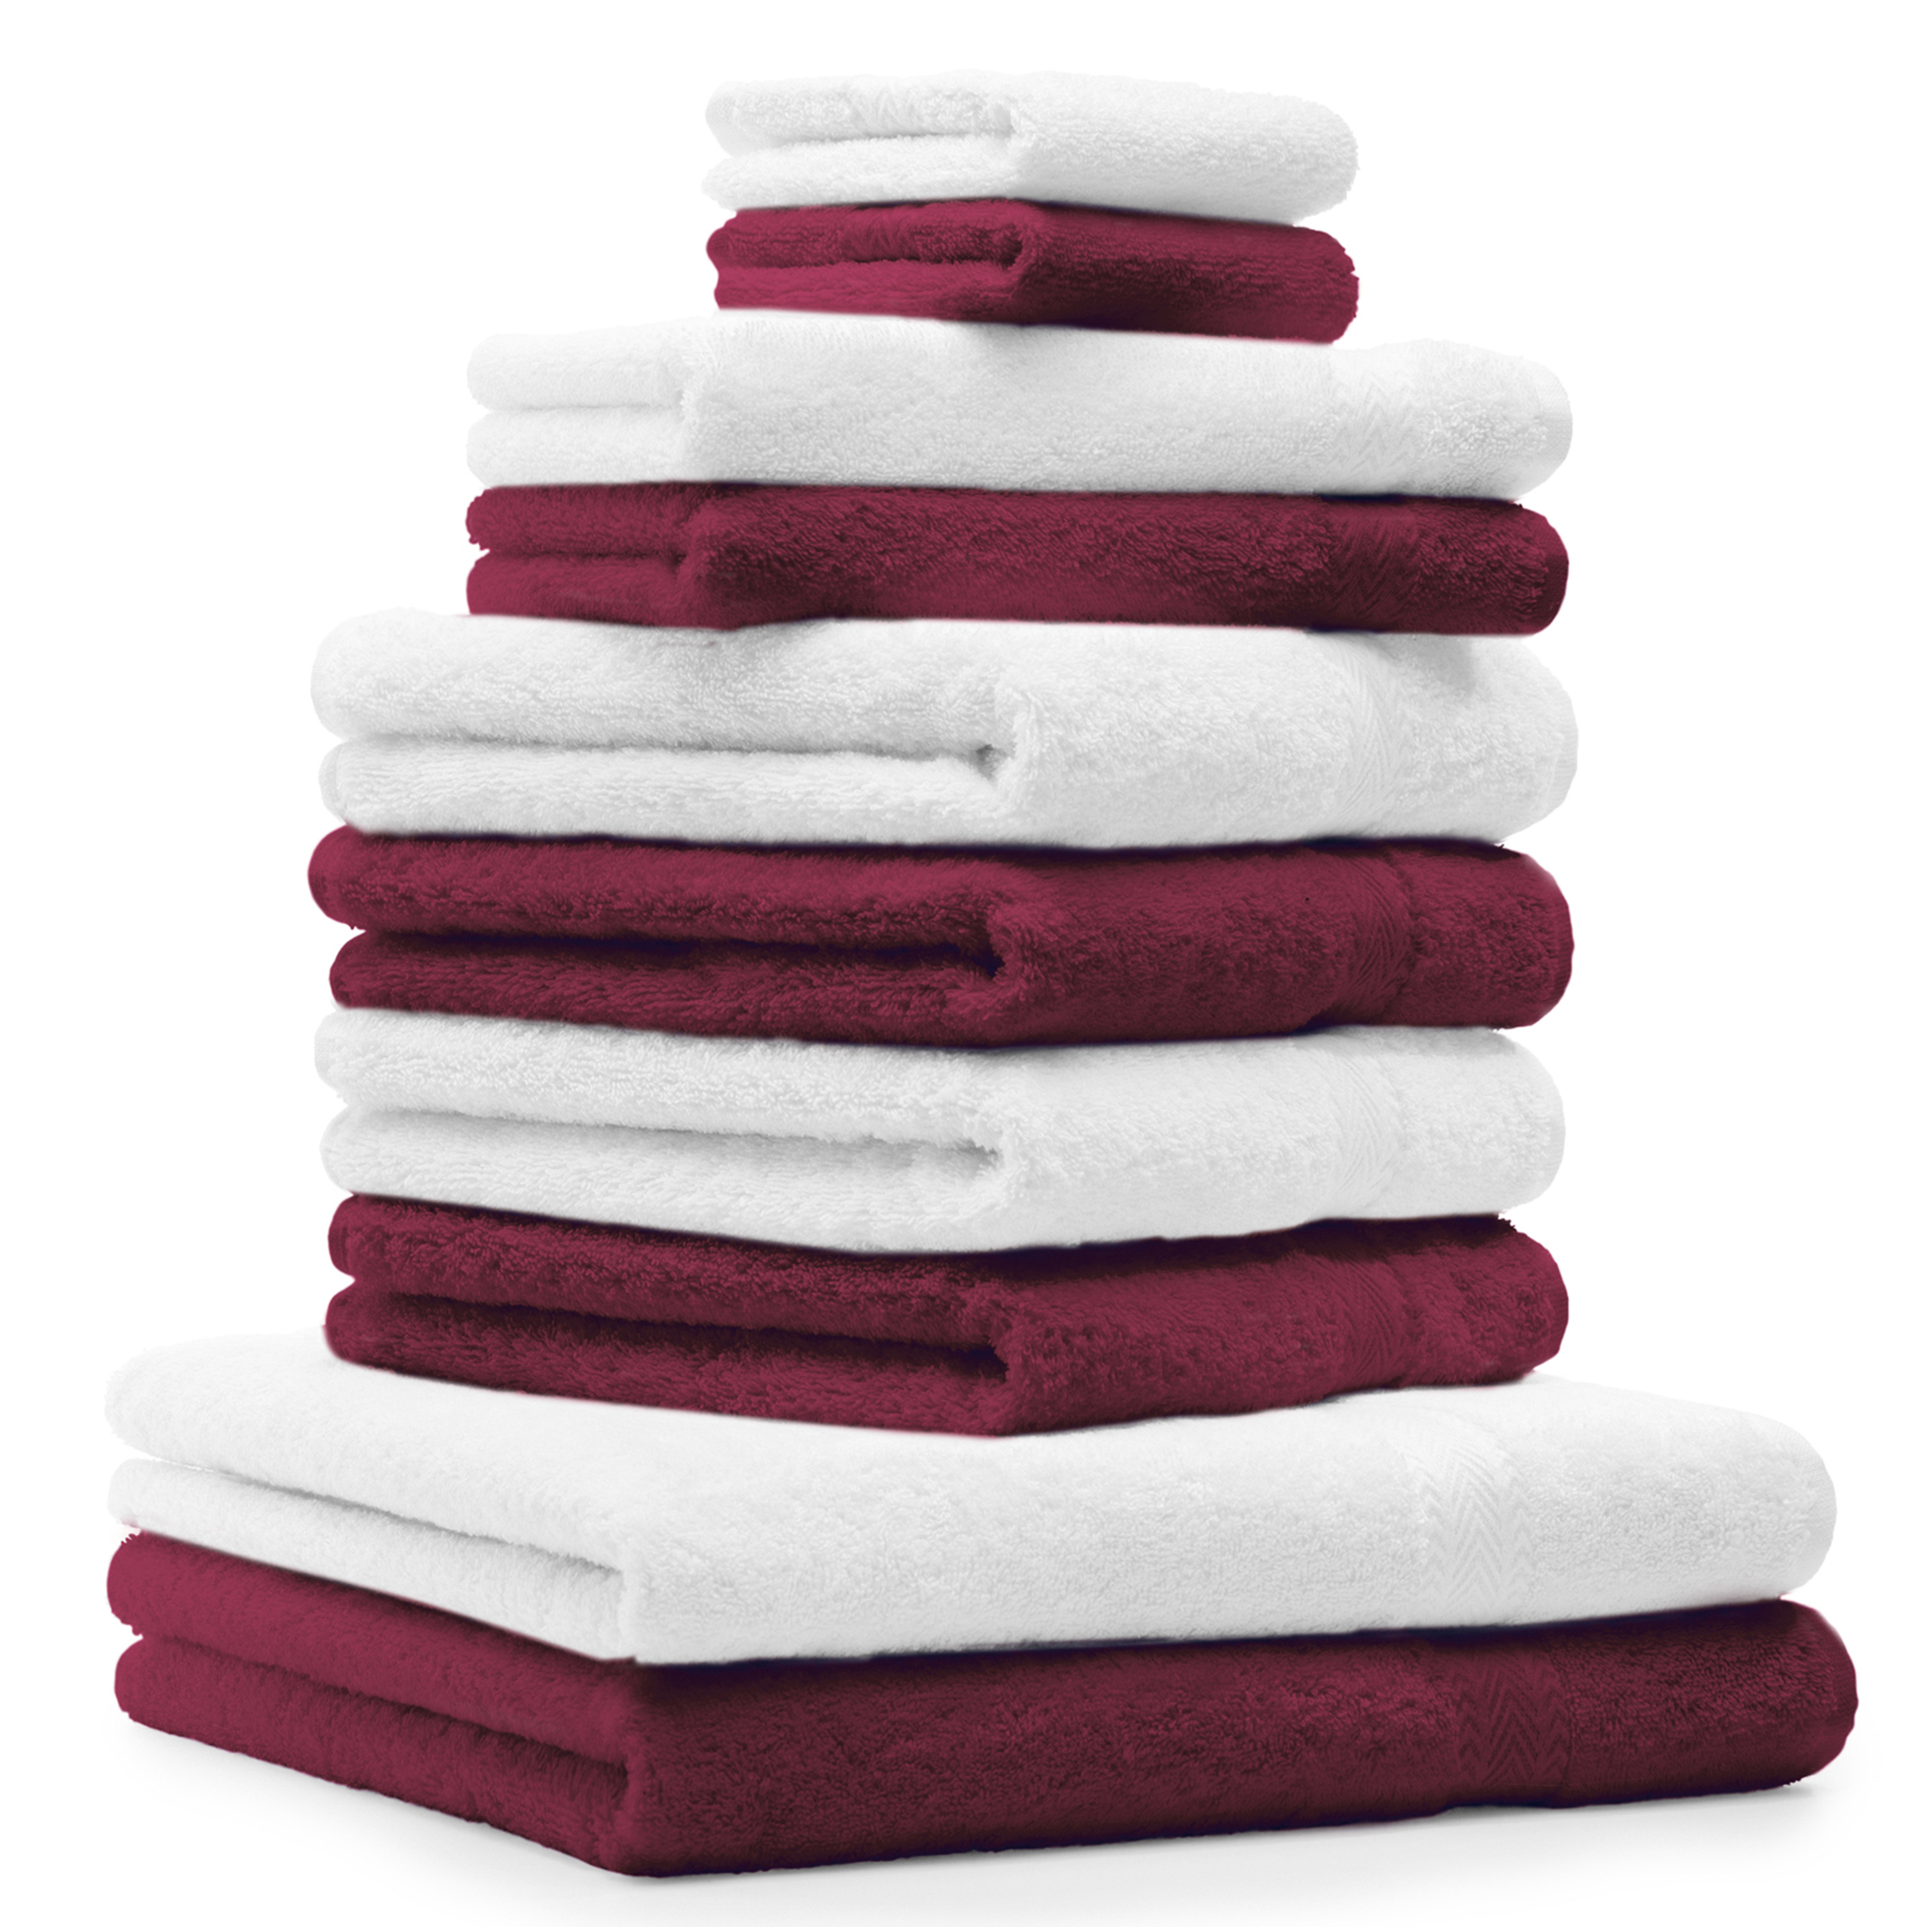 Betz 10 Piece Towel Set CLASSIC 100% Cotton 2 Bath Towels 4 Hand ...